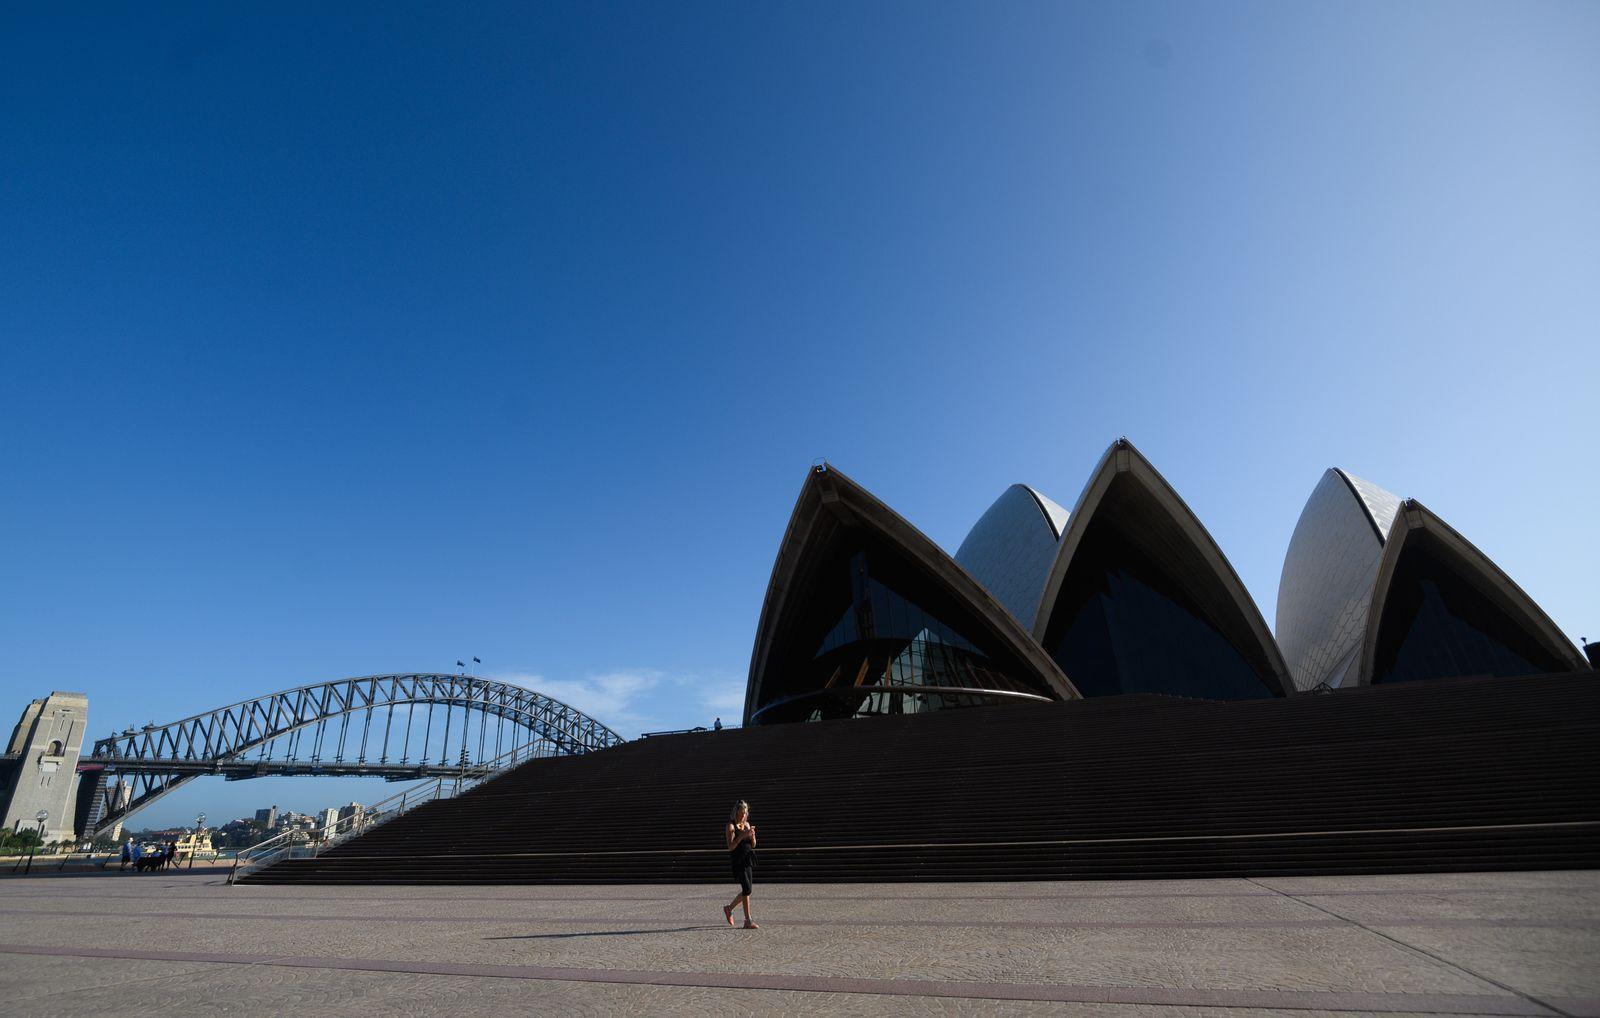 Coronavirus in Sydney, Australia - 21 Mar 2020